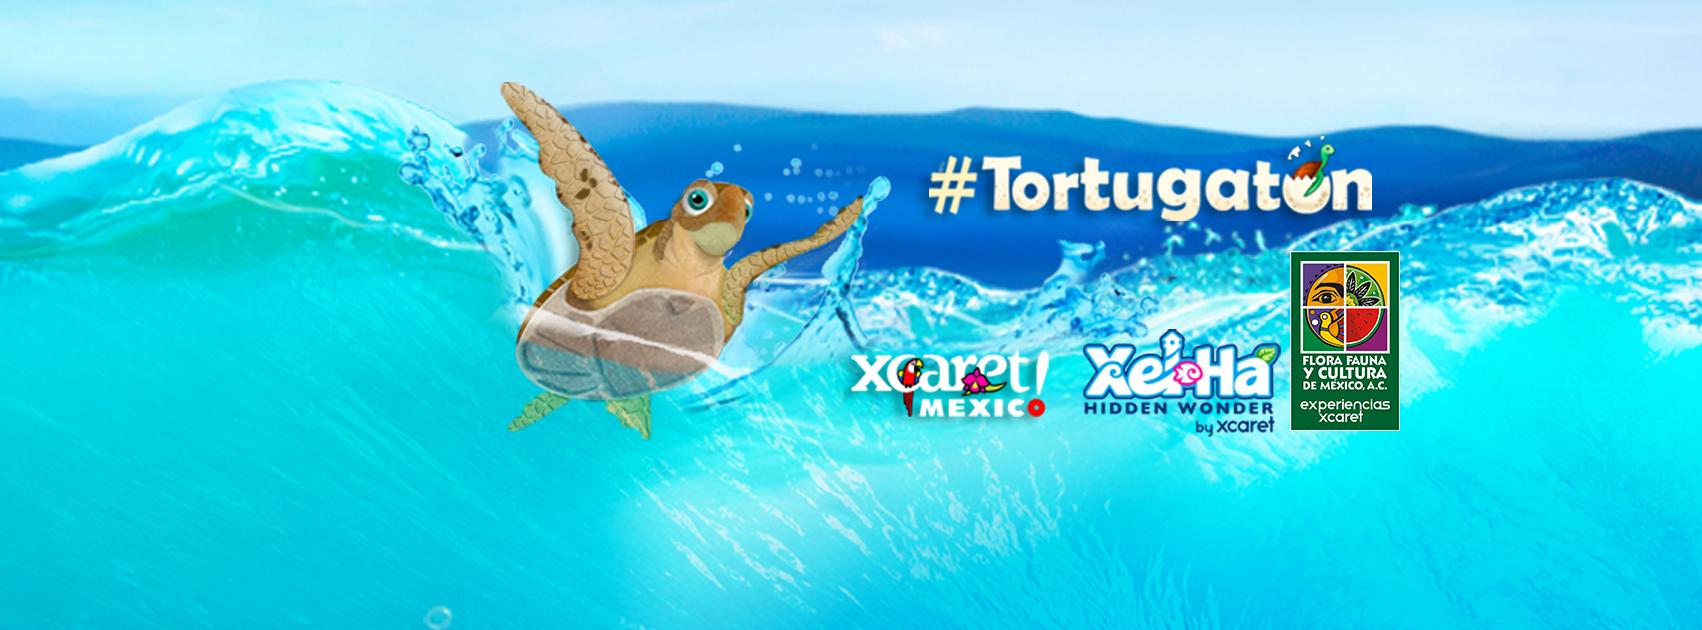 Inicia Campaña Tortugatón